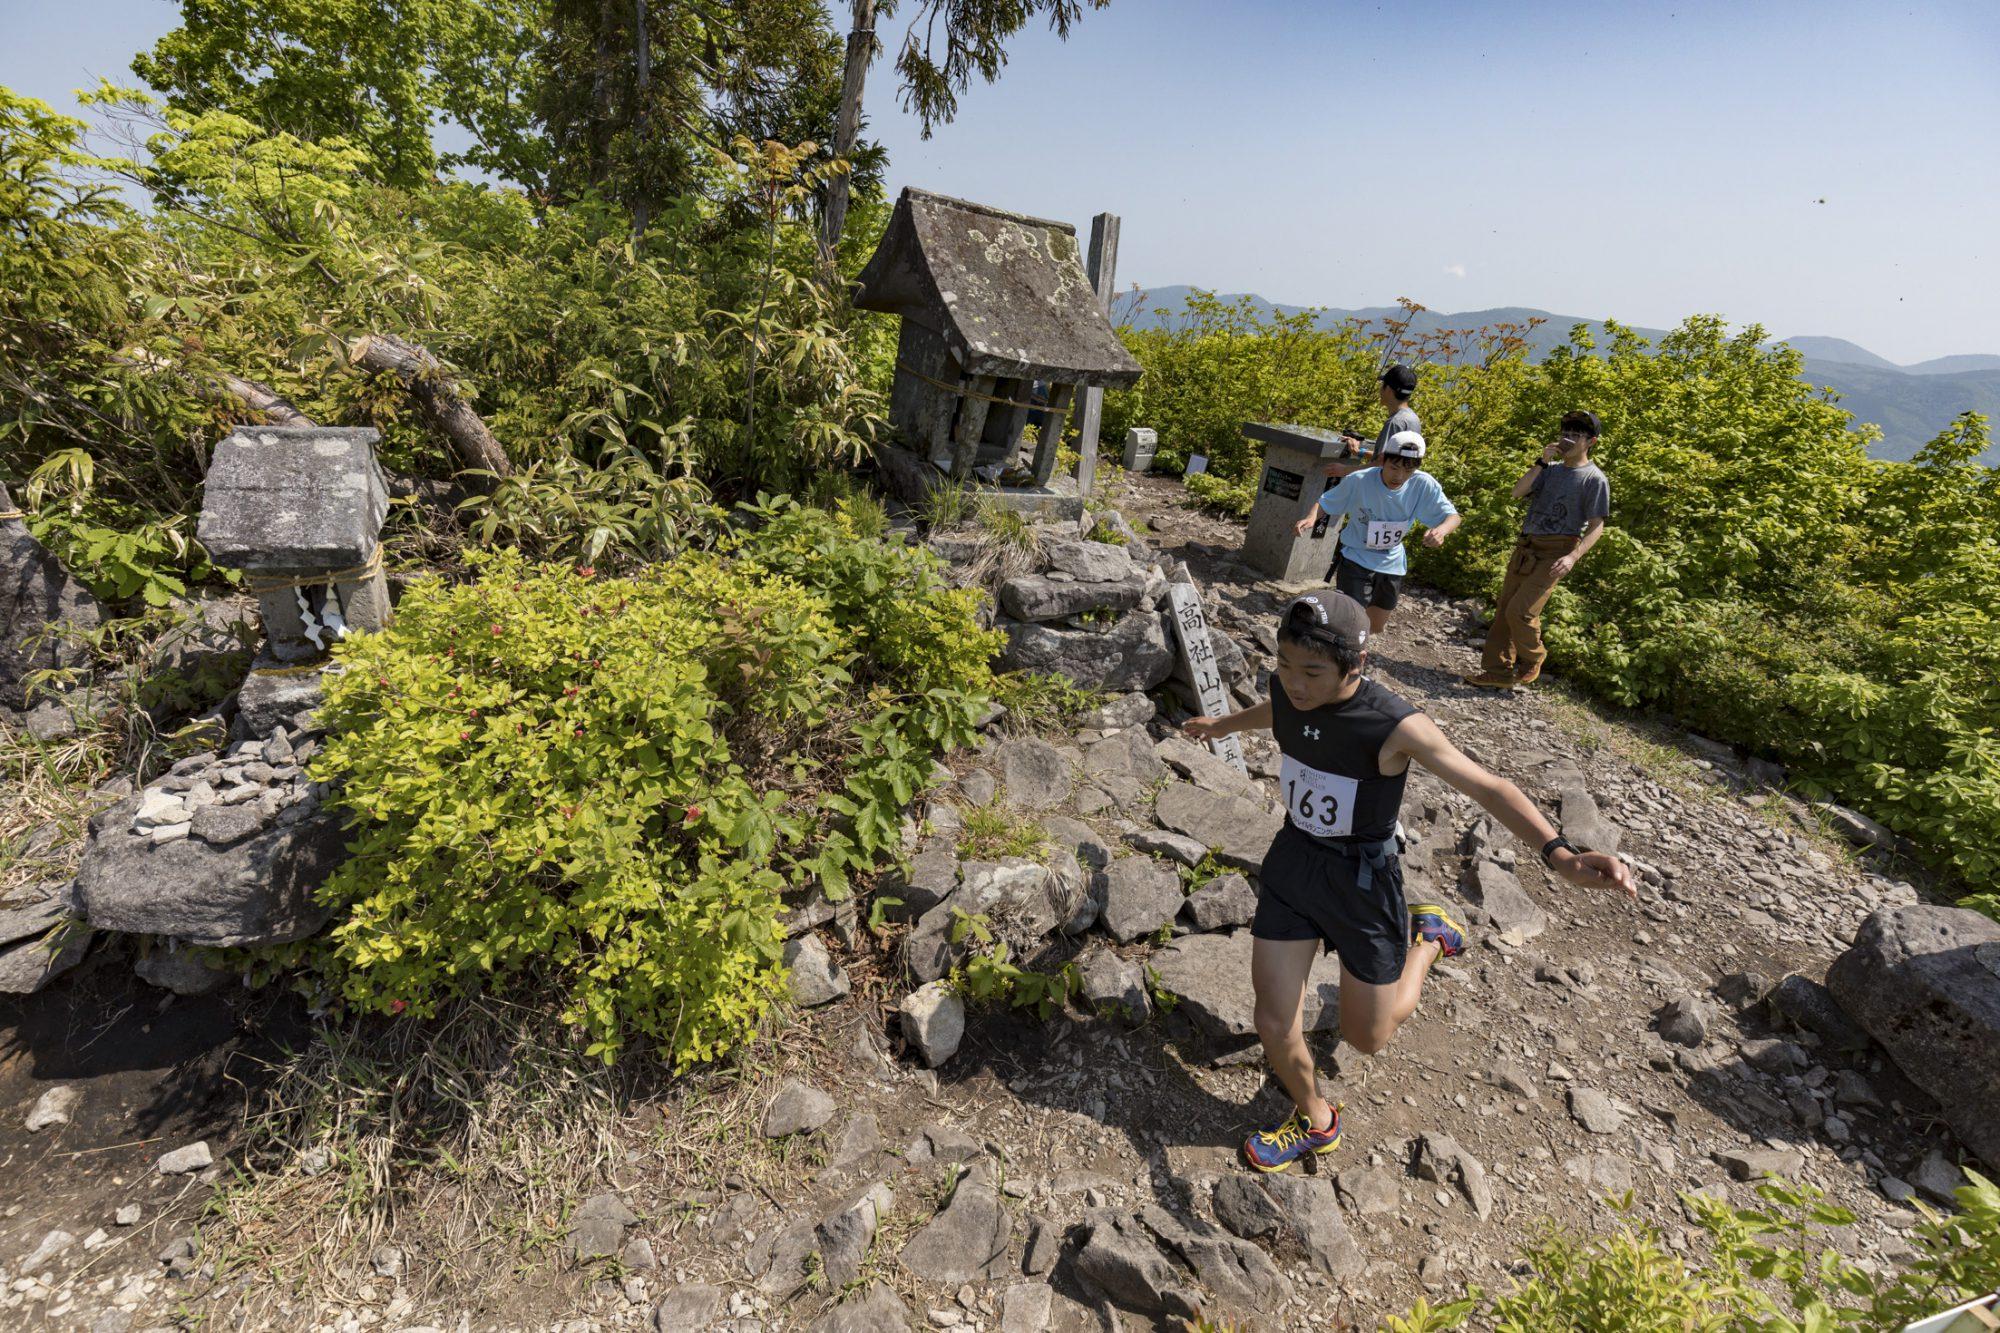 高社山の山頂を踏破する中学生、一般の部の大人と競い合う ©たかやしろトレイルランニングレース